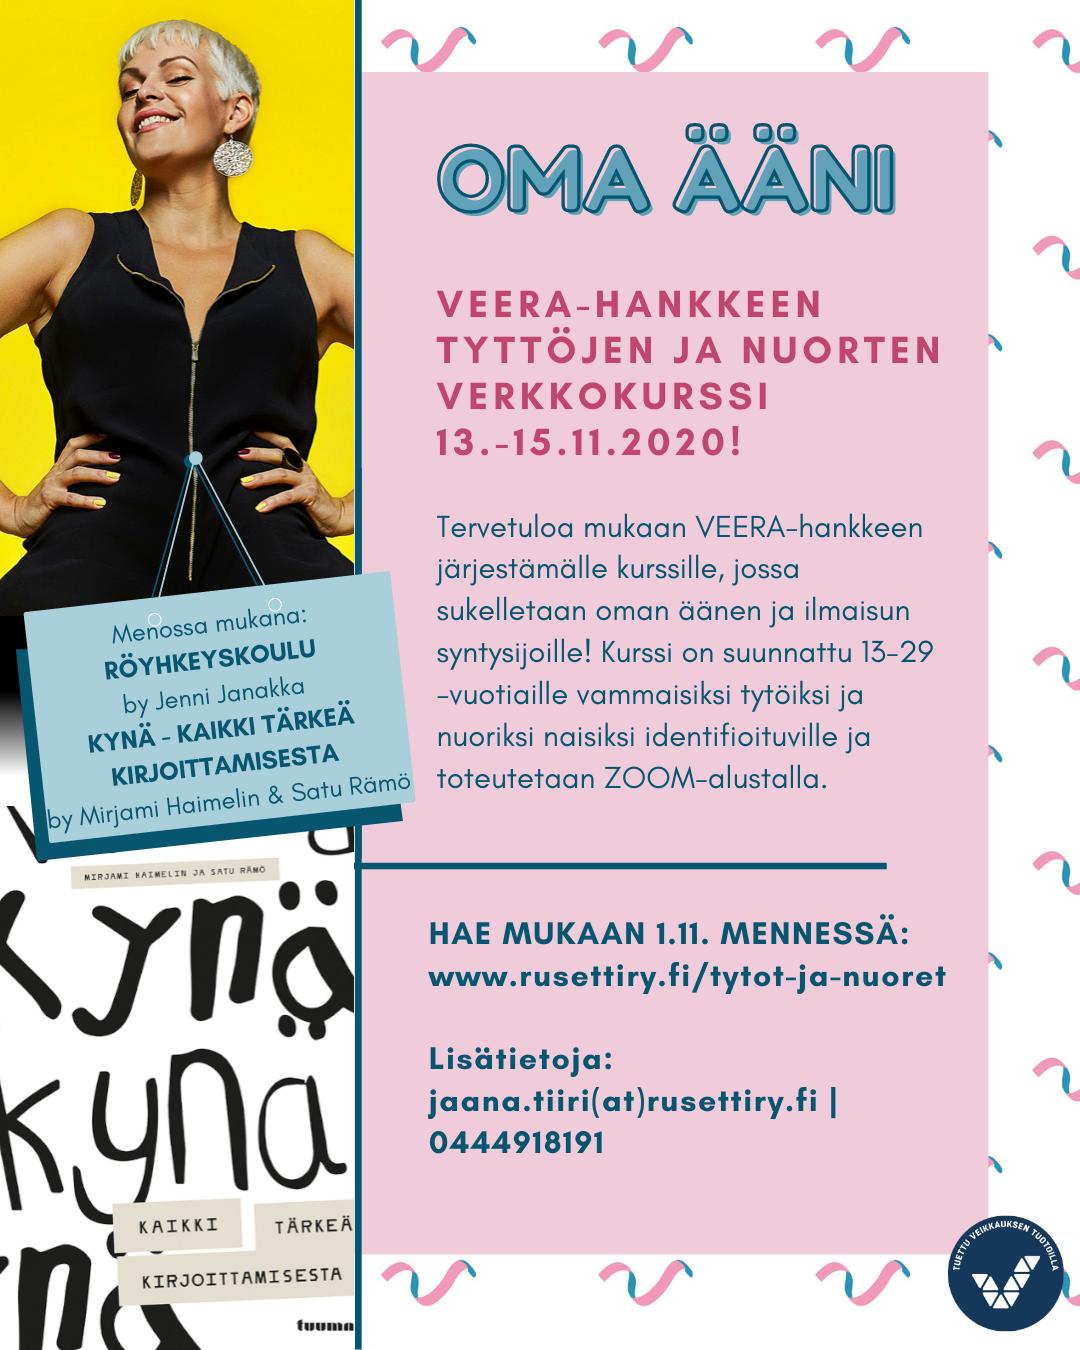 Oma ääni-kurssin mainos, jossa kuvassa Jenni Janakka Röyhkeyskoulusta ja Kynä - kirjasta kansikuva. Kurssin mainos on tekstinä tämän kuvan alla.